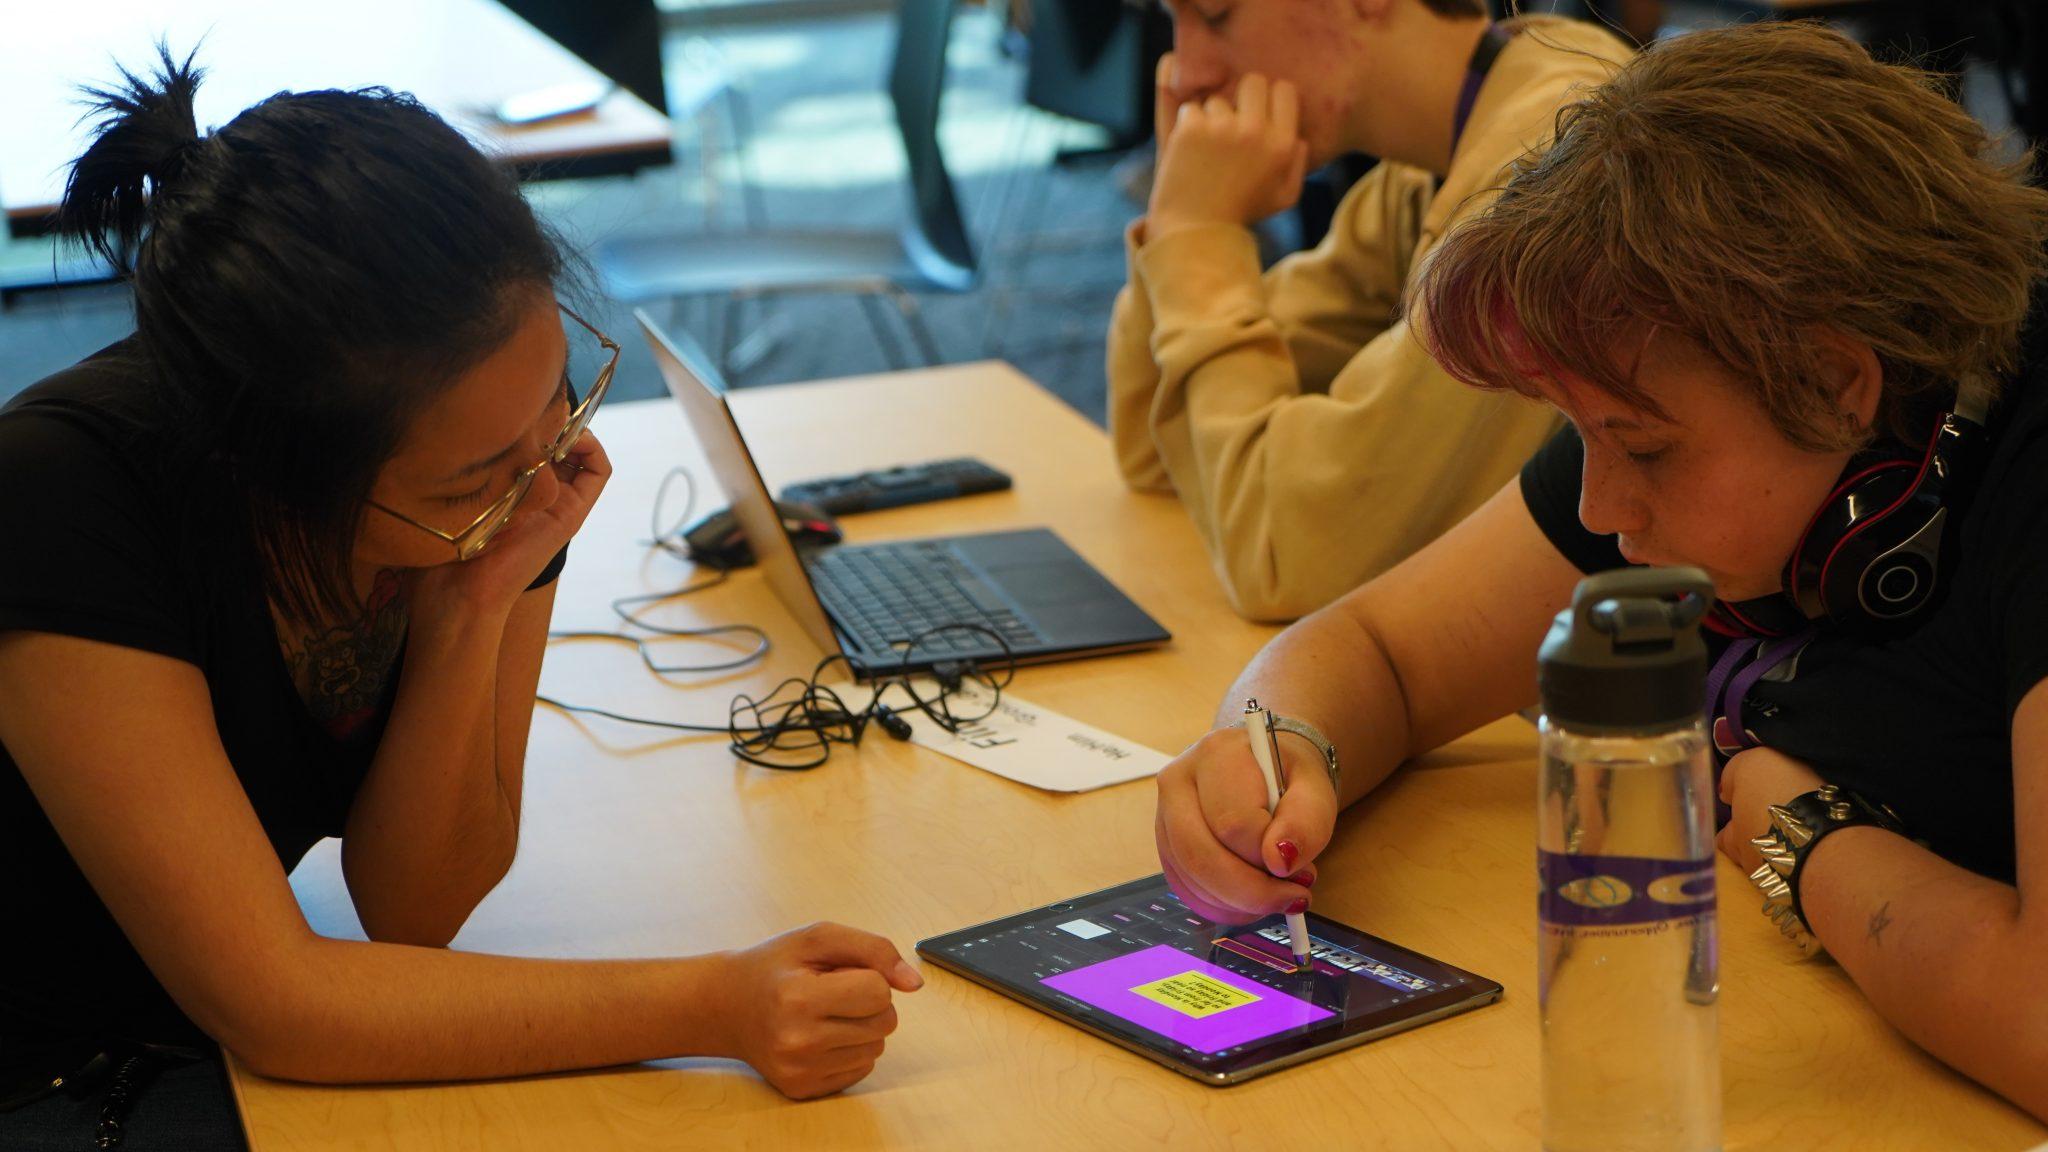 Rachel watches a DO-IT Scholar edit a video on an iPad.